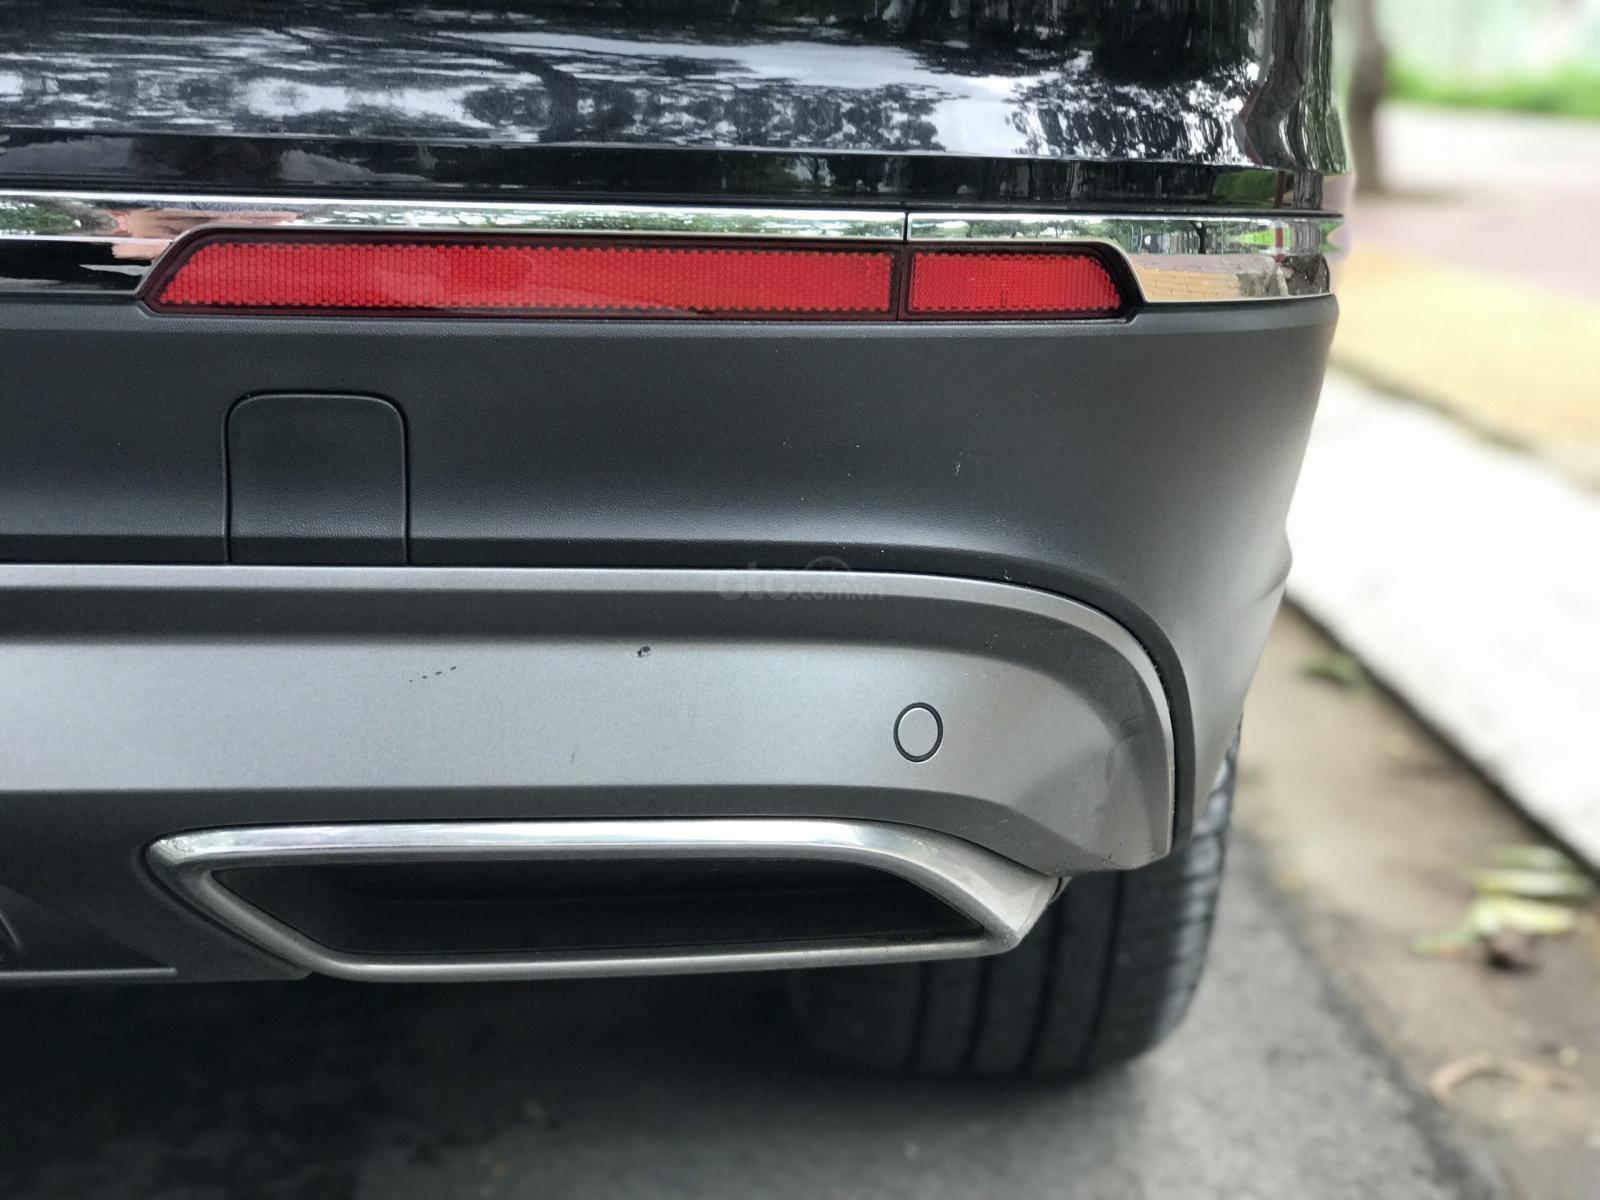 Thanh lý Volkswagen Tiguan AllSpace Demo 2018, màu đen, nhập khẩu, trang bị nhiều options, 1 tỷ 719 triệu lăn bánh-4